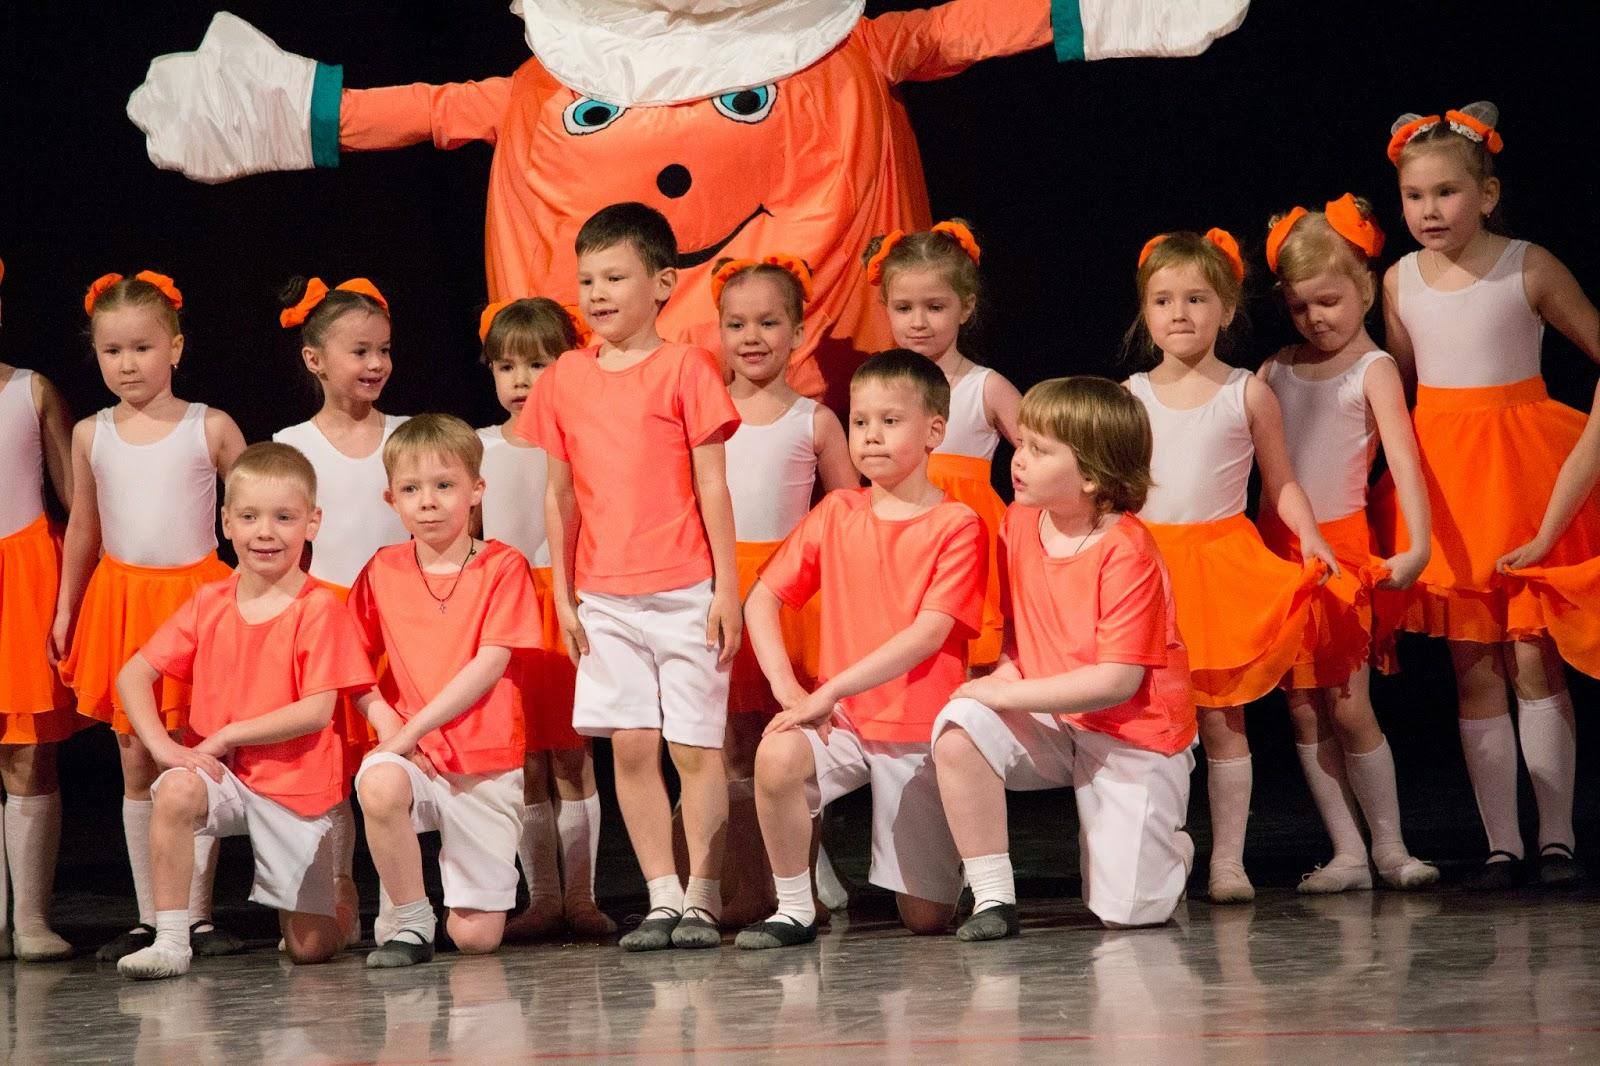 Танцевала без юбки фото 11 фотография